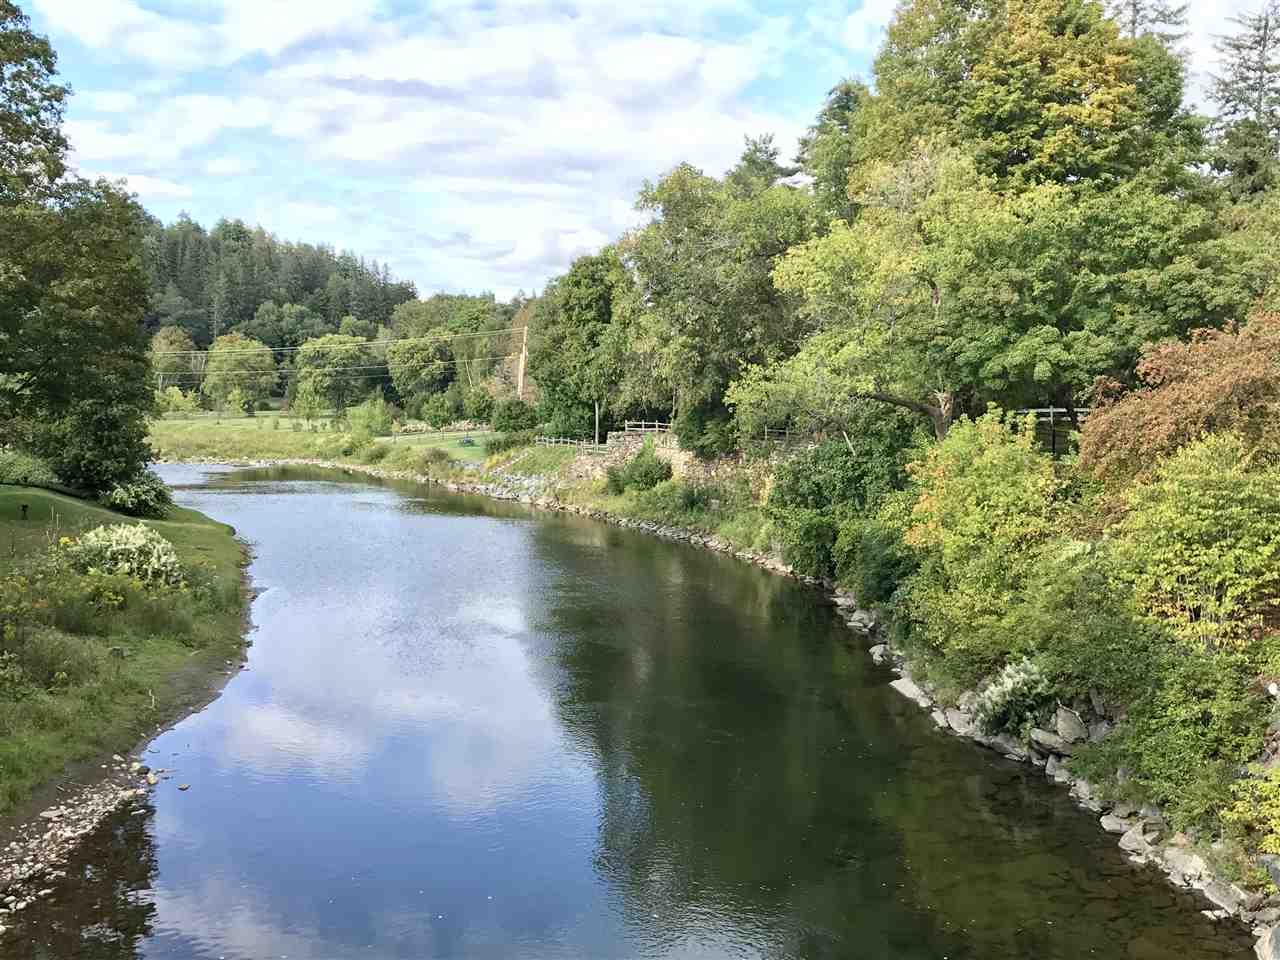 Ottauquechee River nearby 11940161